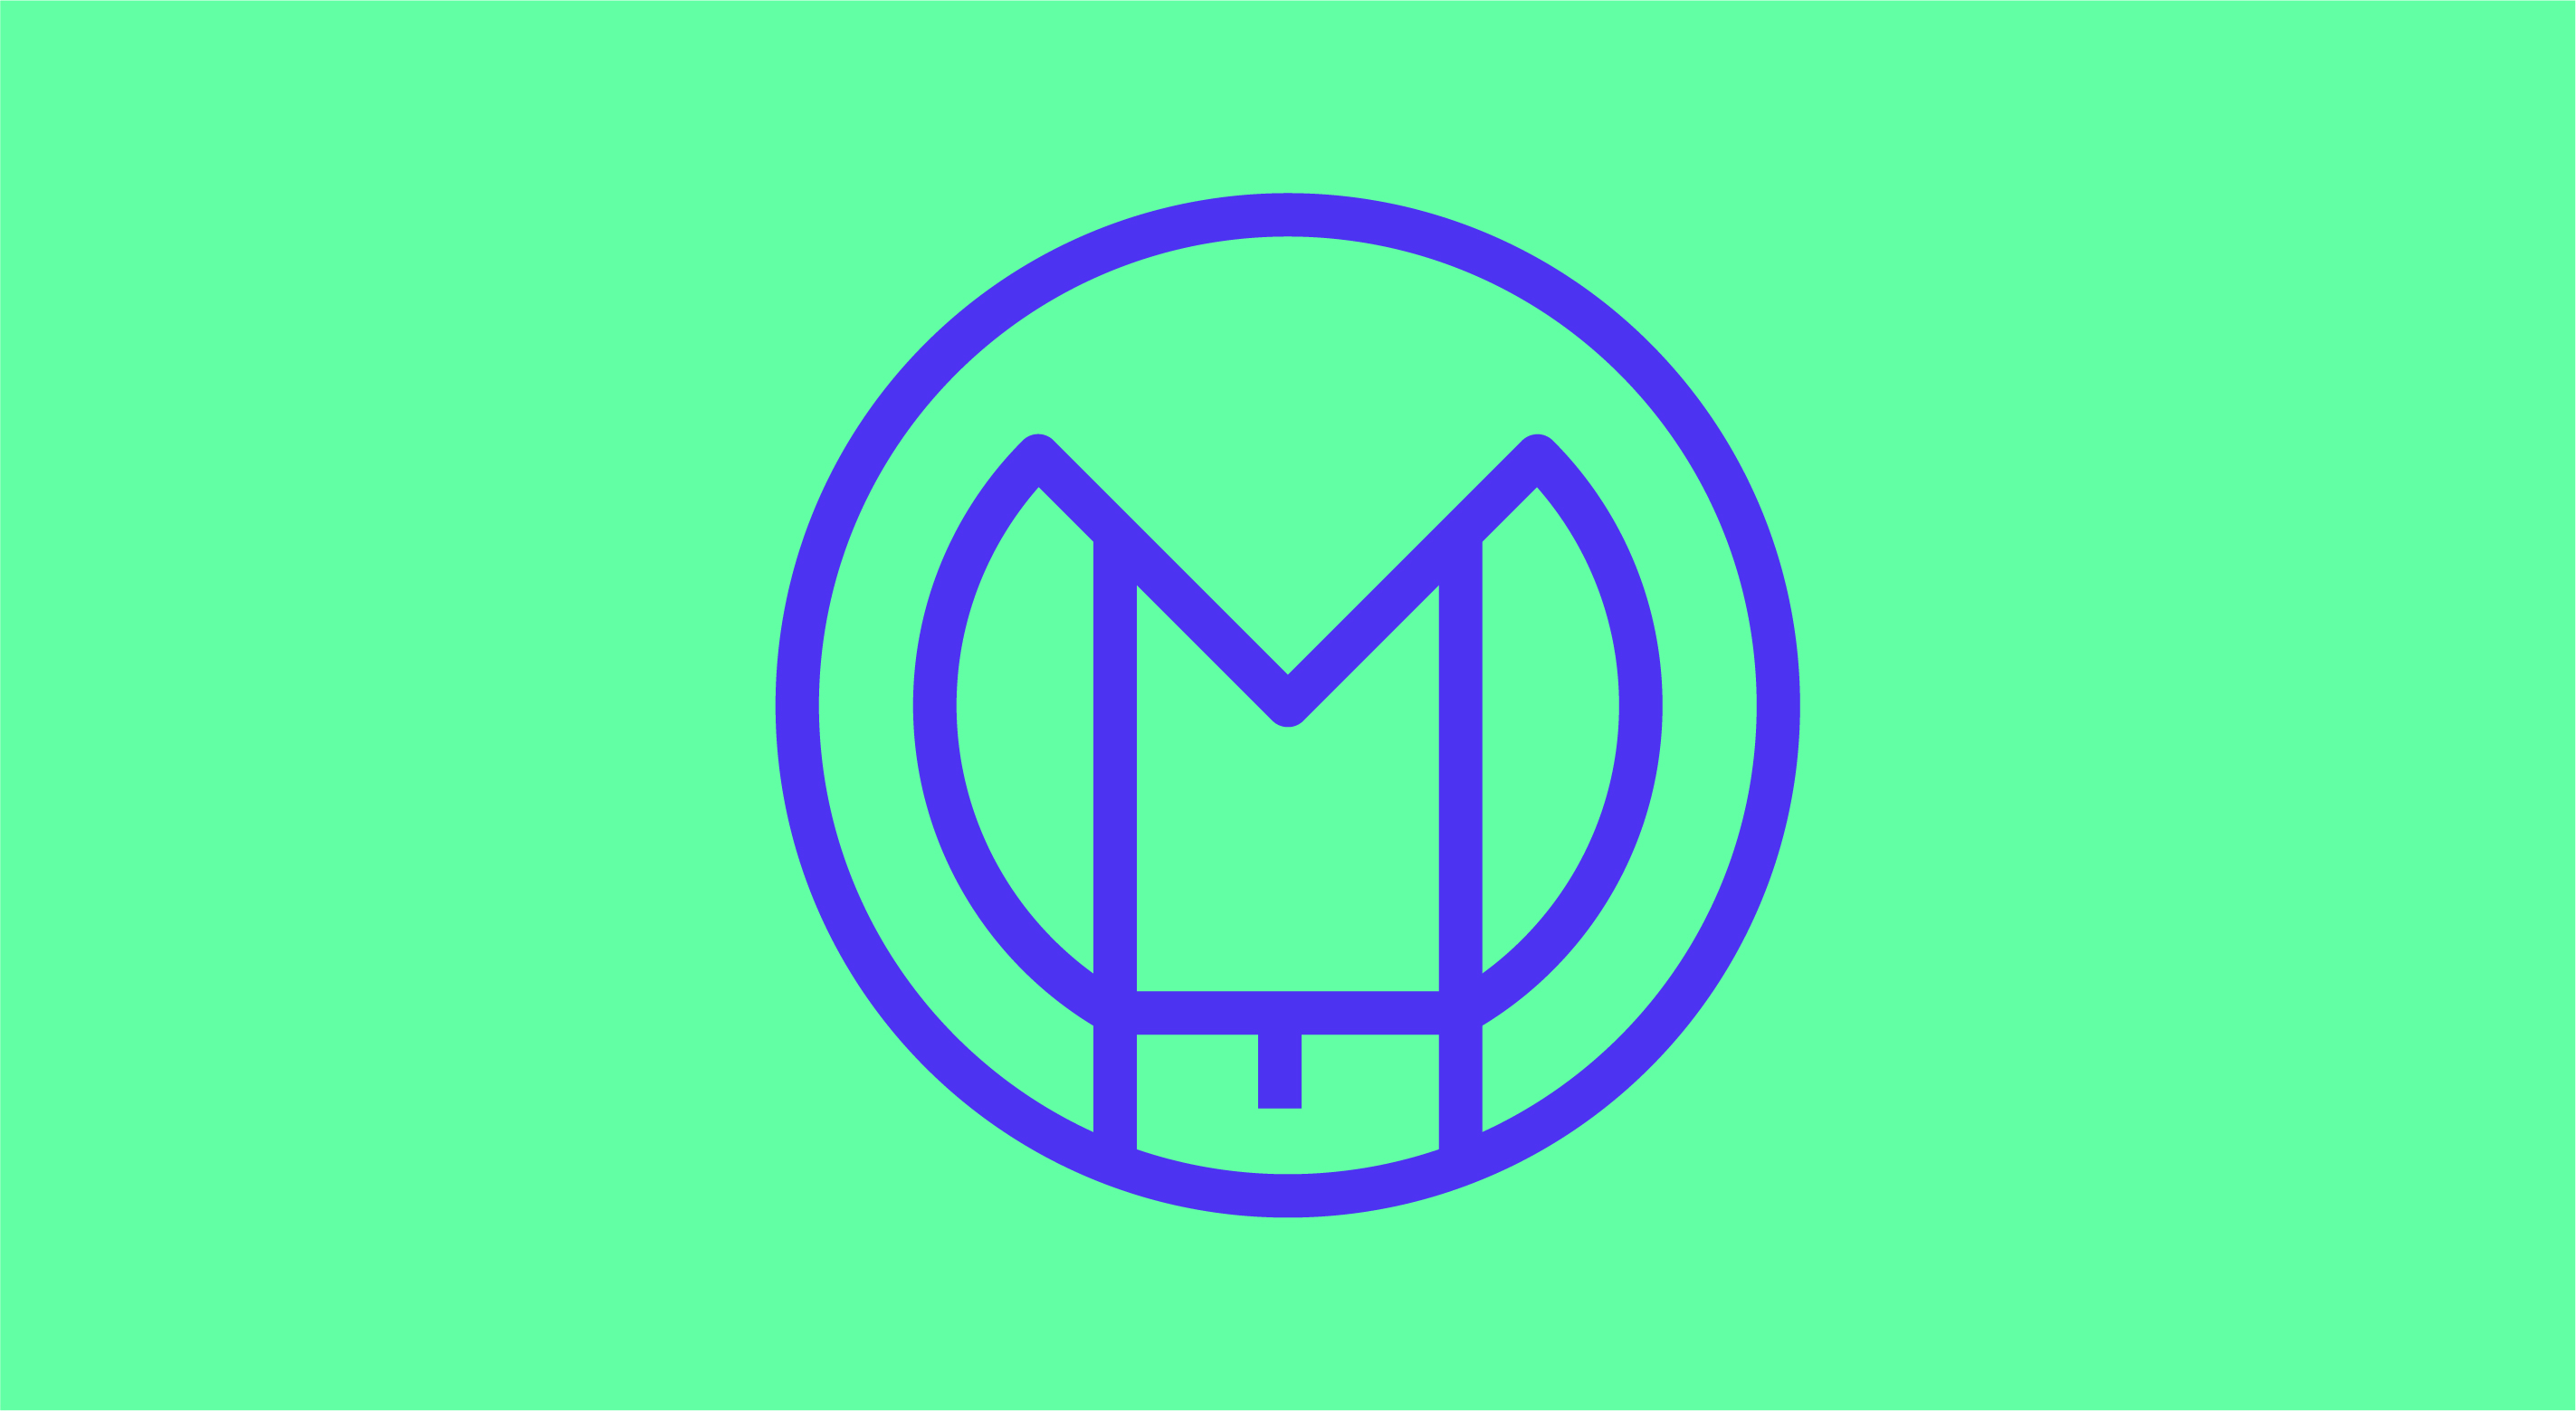 Lilafarbenes Symbol aus den Buchstaben M O V und E in Form eines Kreises vor einem türkisen Hintergrund.